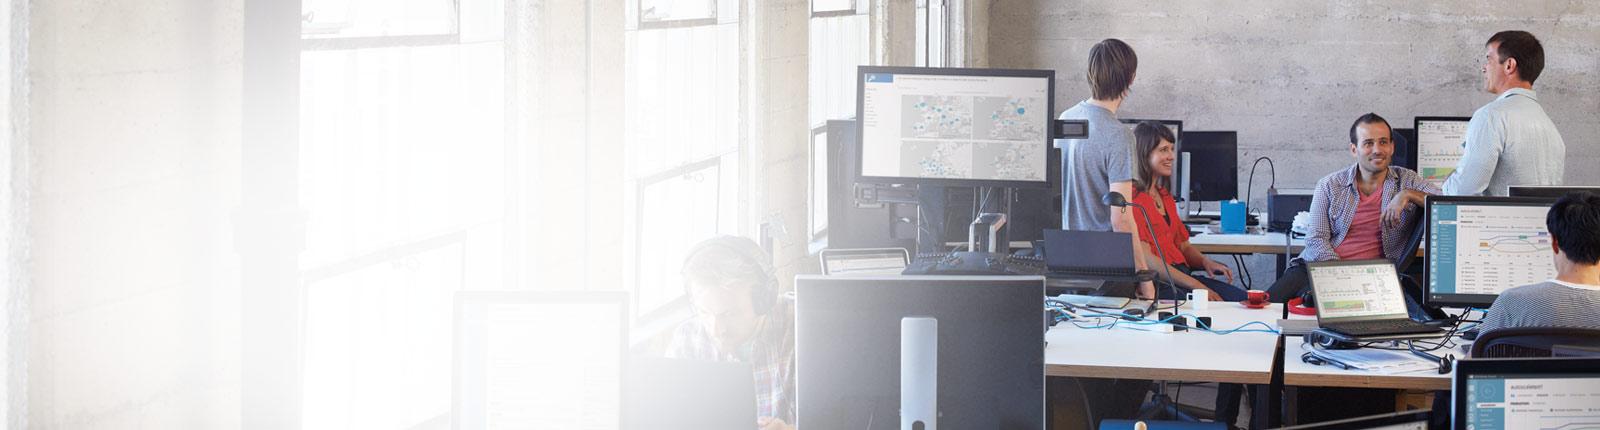 사무실에서 자신의 데스크톱으로 Office 365를 사용해 작업 중인 5명의 사람